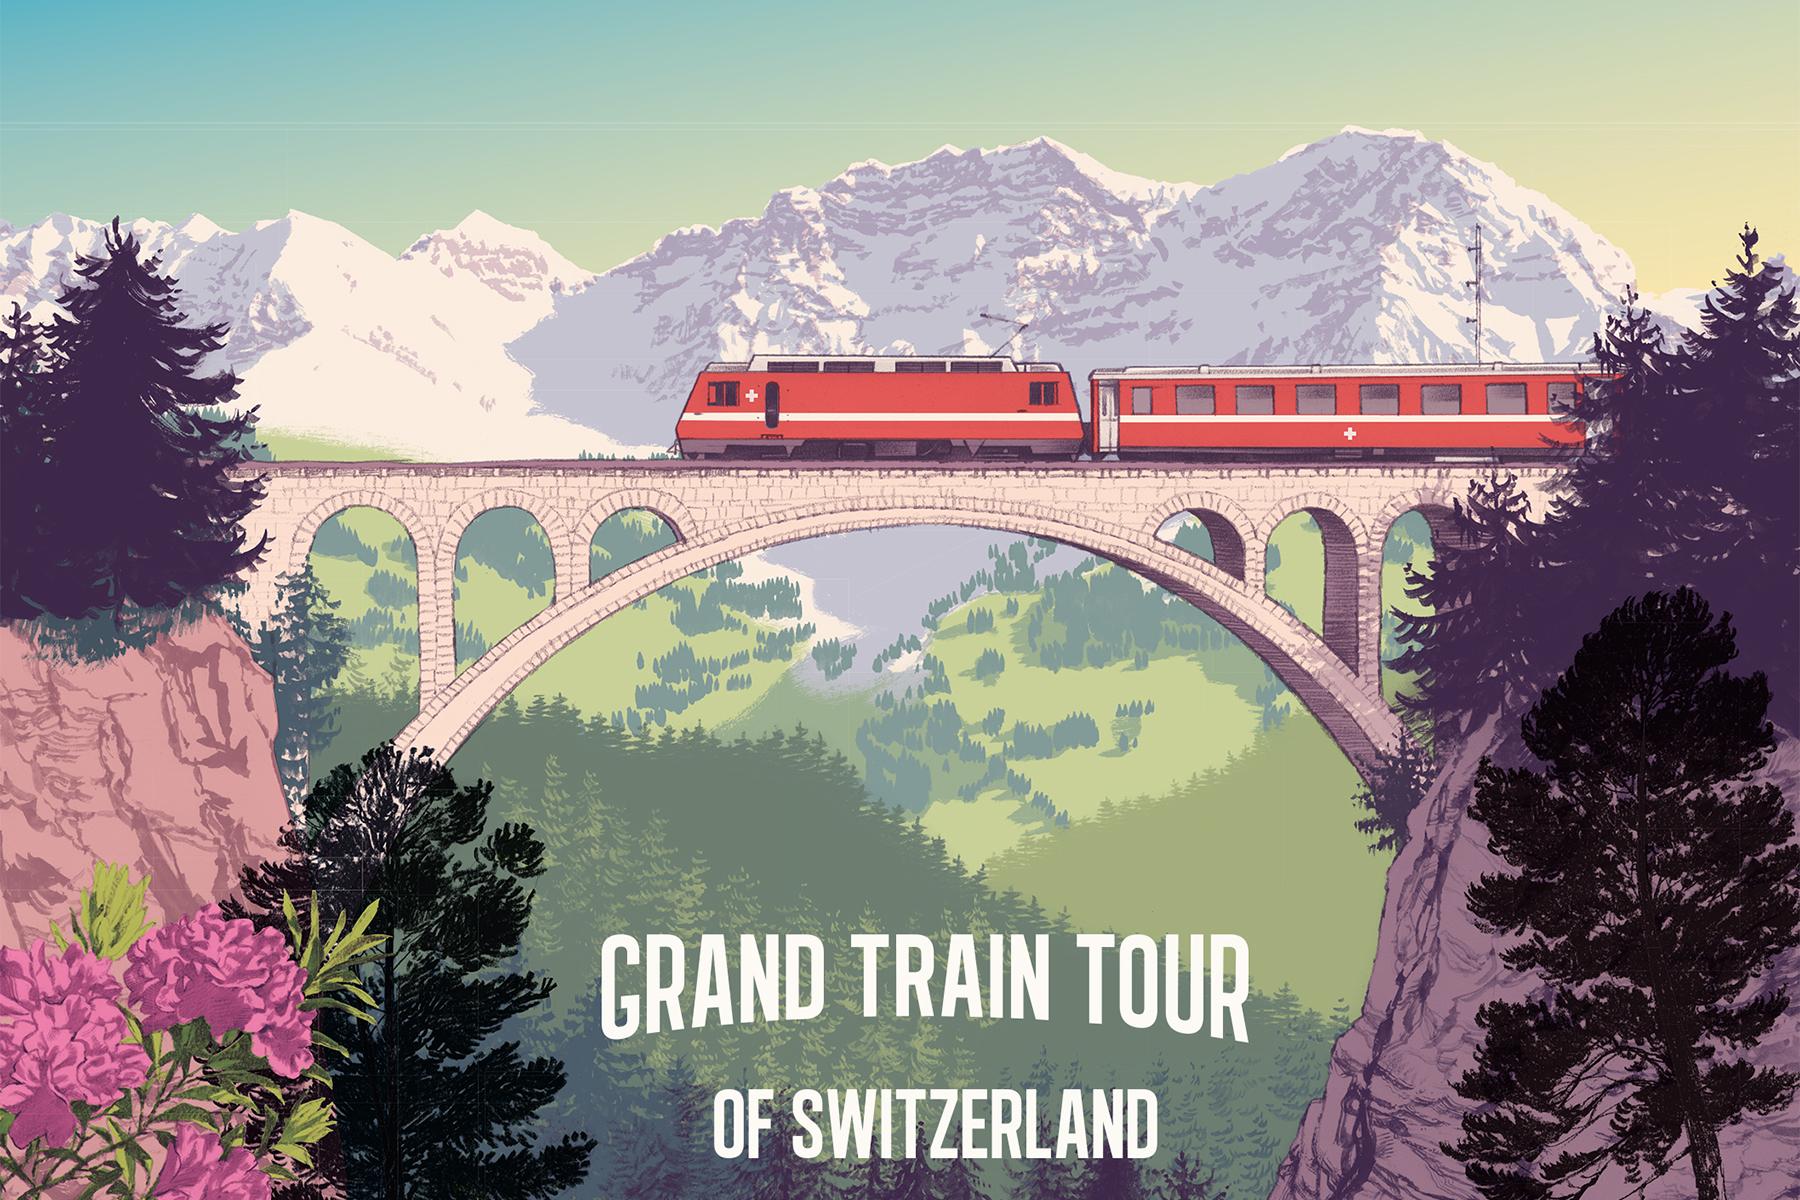 Switzerland's Grand Train Tour